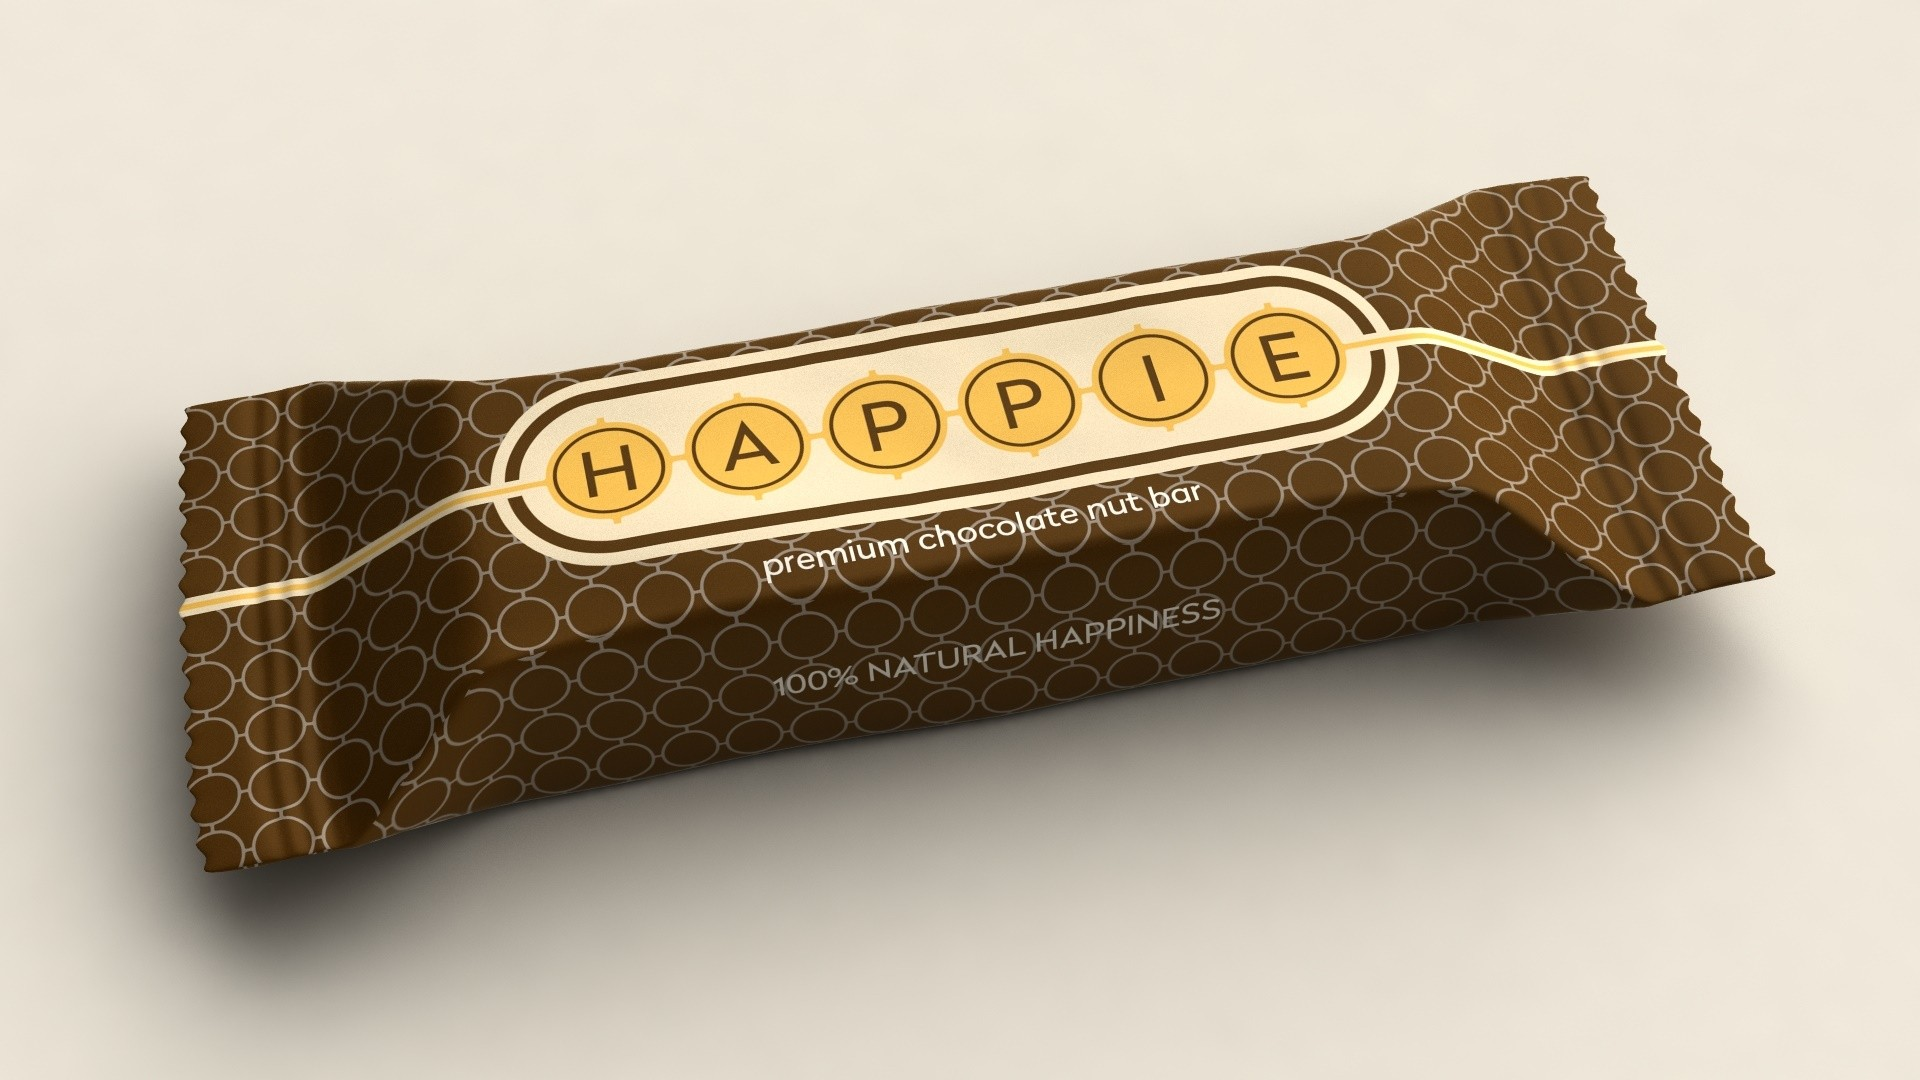 HAPPIE Chocolate Nut Bar ds. 12 repen van 50 gram